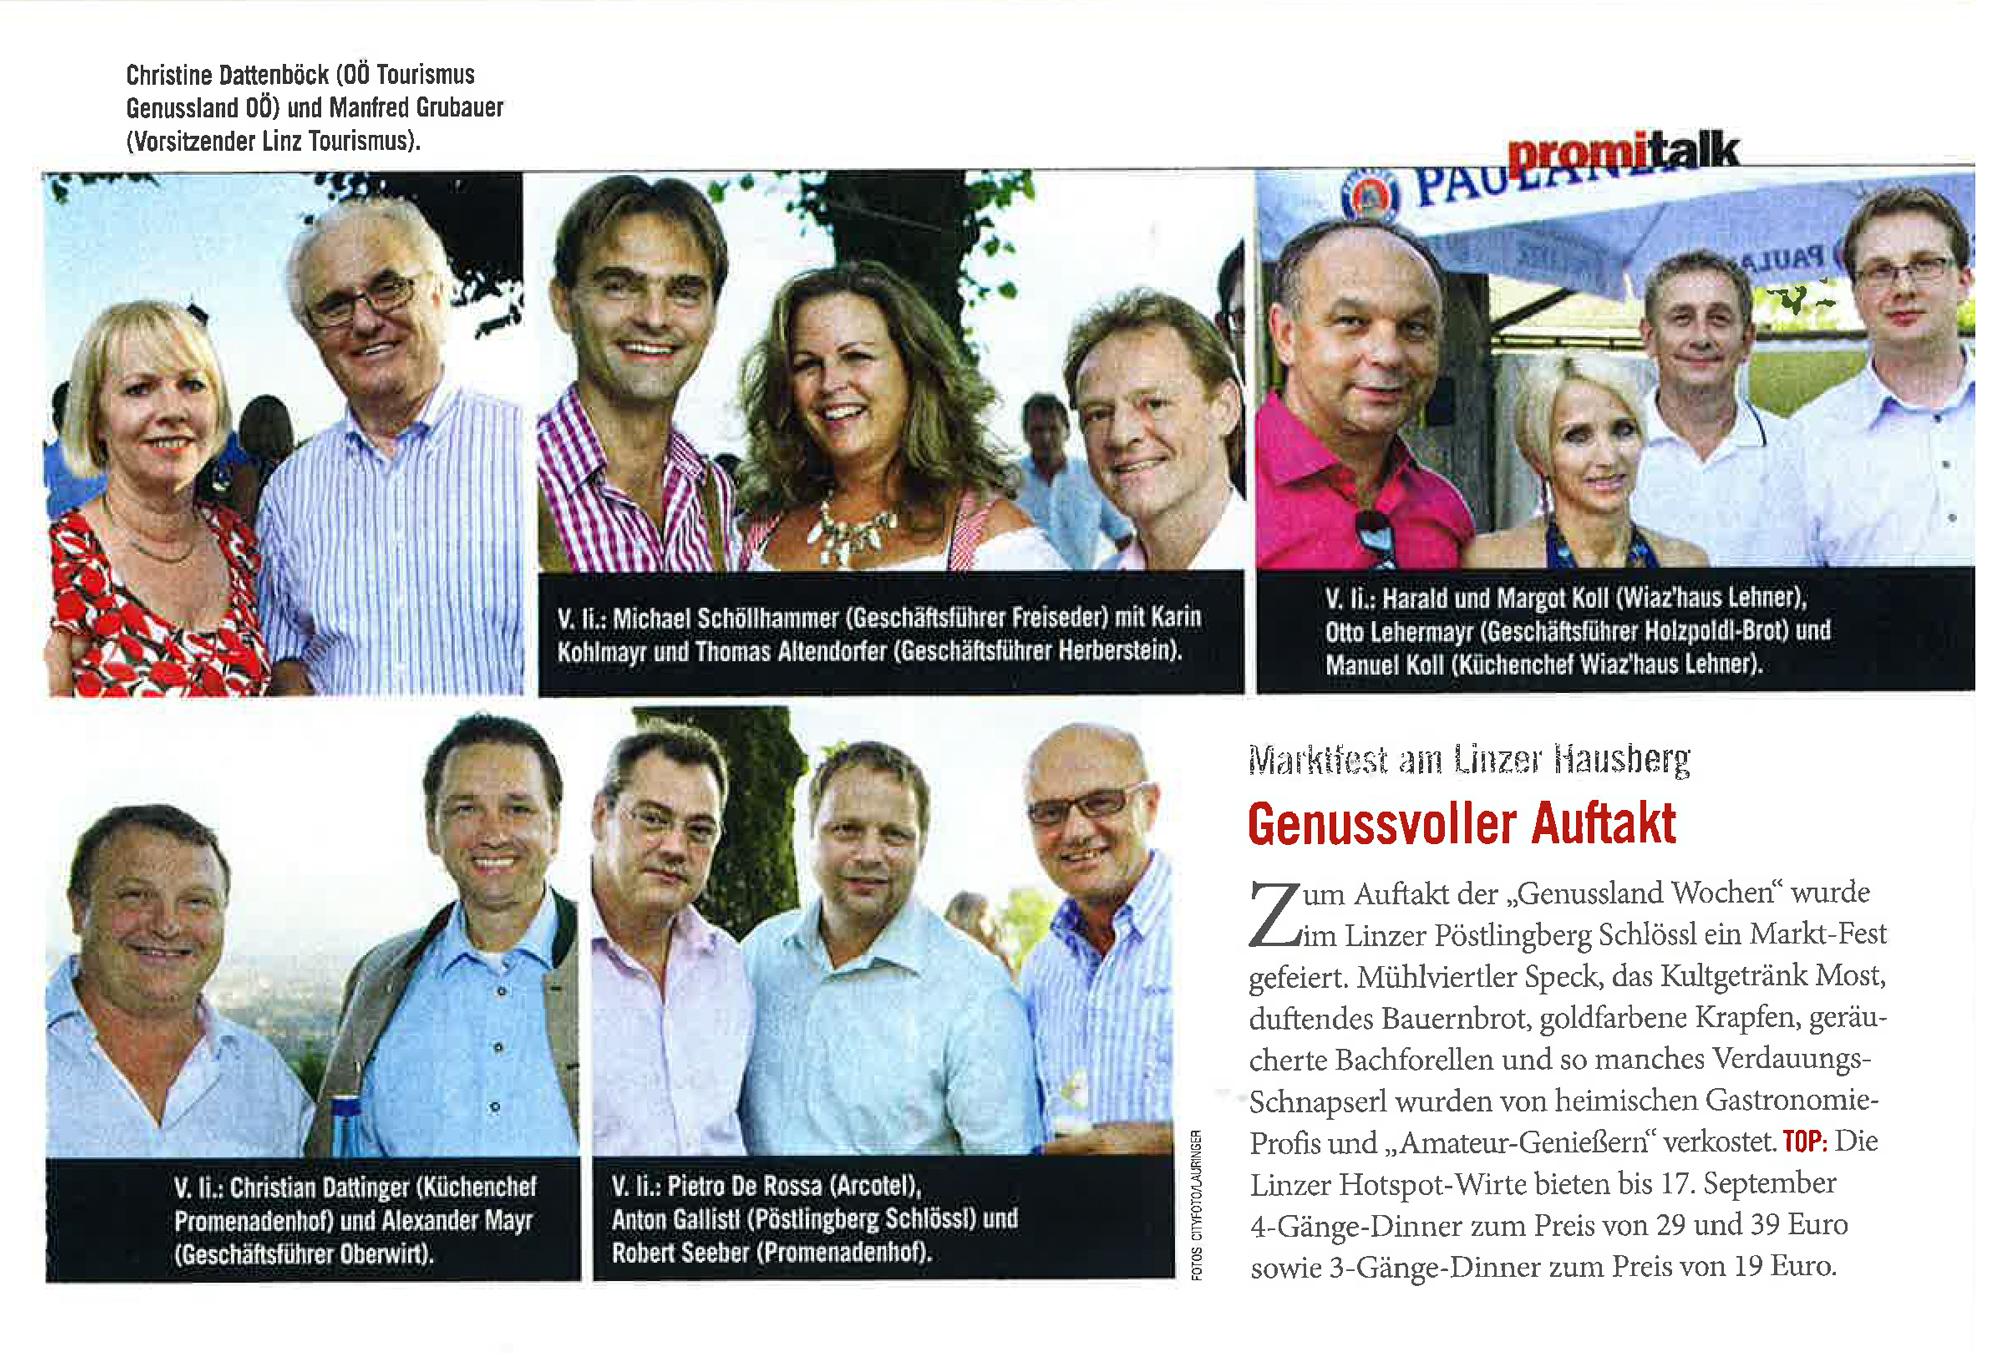 Wiazhaus_Lehner_Presse_04